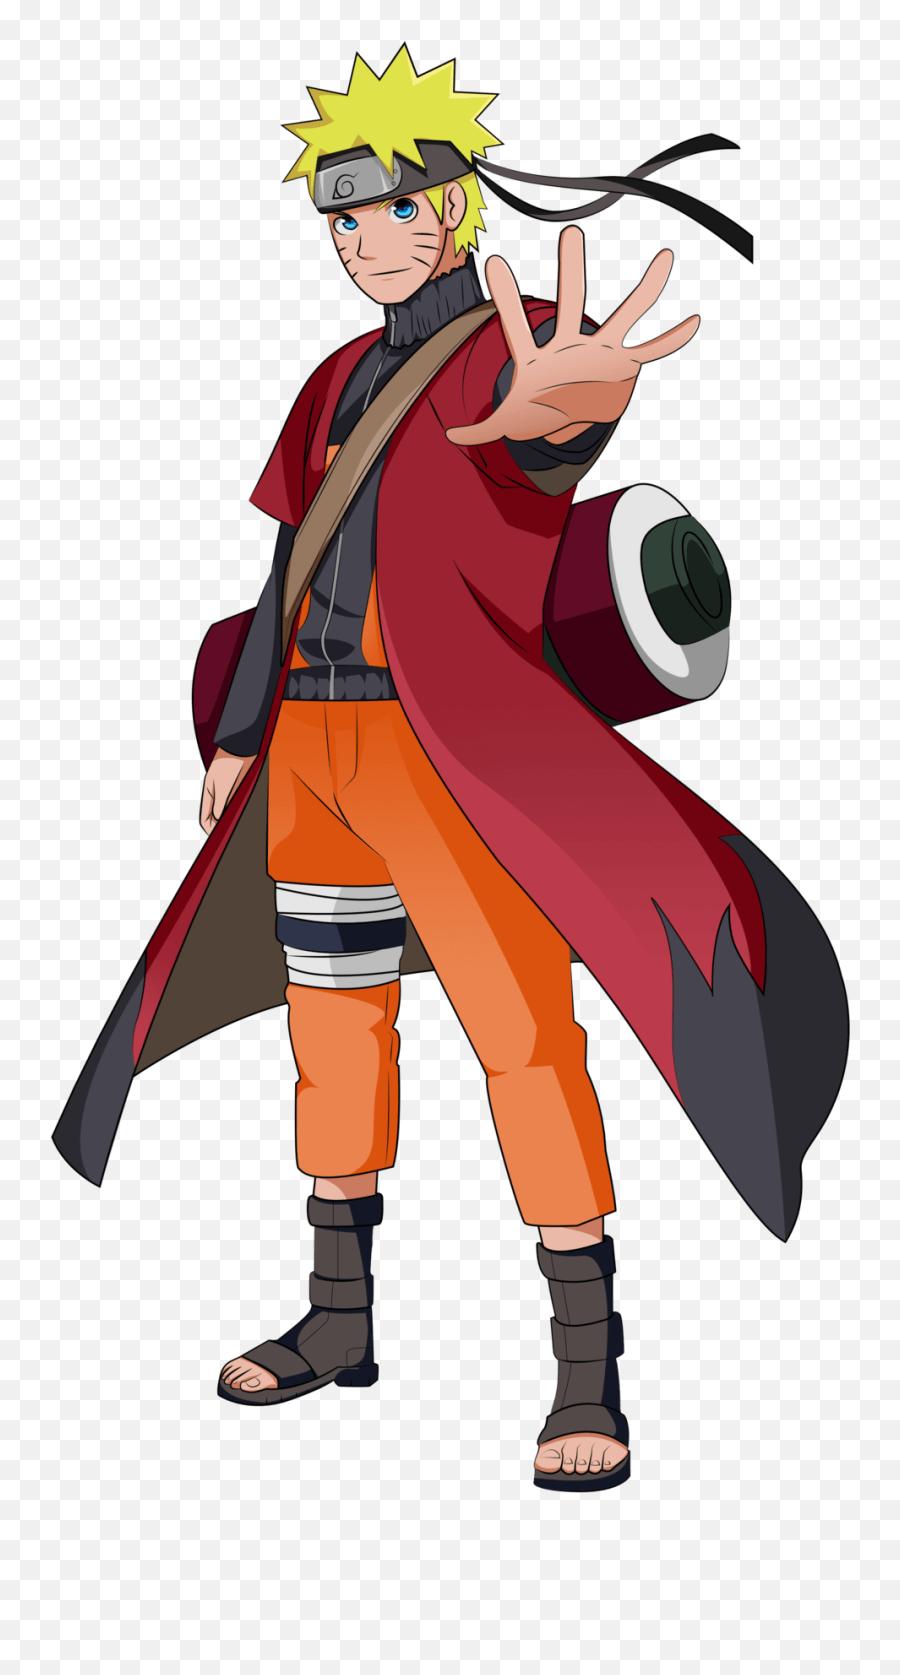 Naruto Sage Mode Free Download png